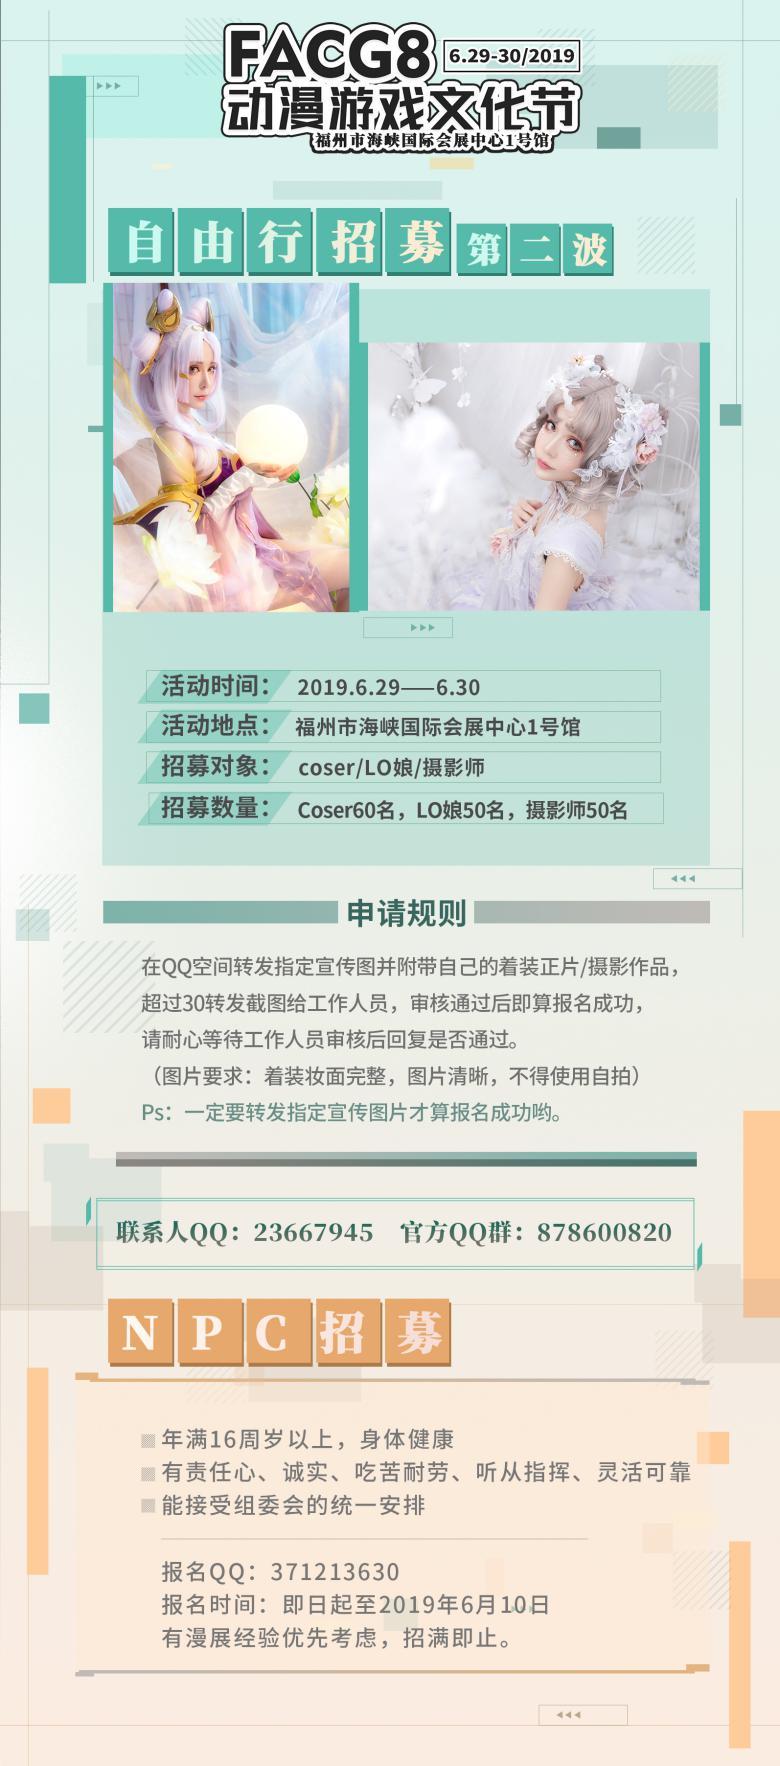 FACG动漫游戏文化节,嘀哩嘀哩,福州漫展